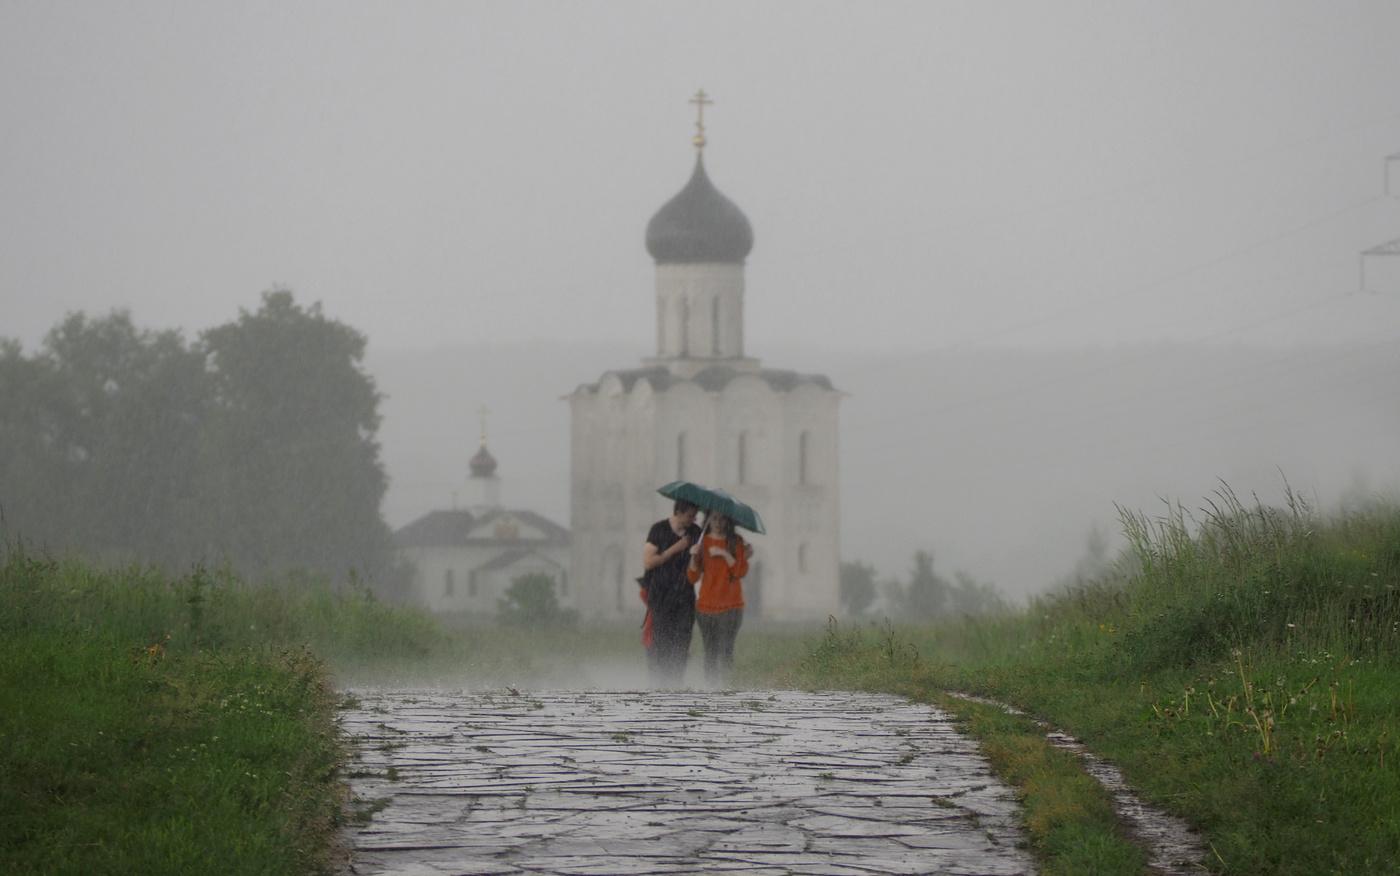 Дождь над храмом картинки, гуково картинки днем